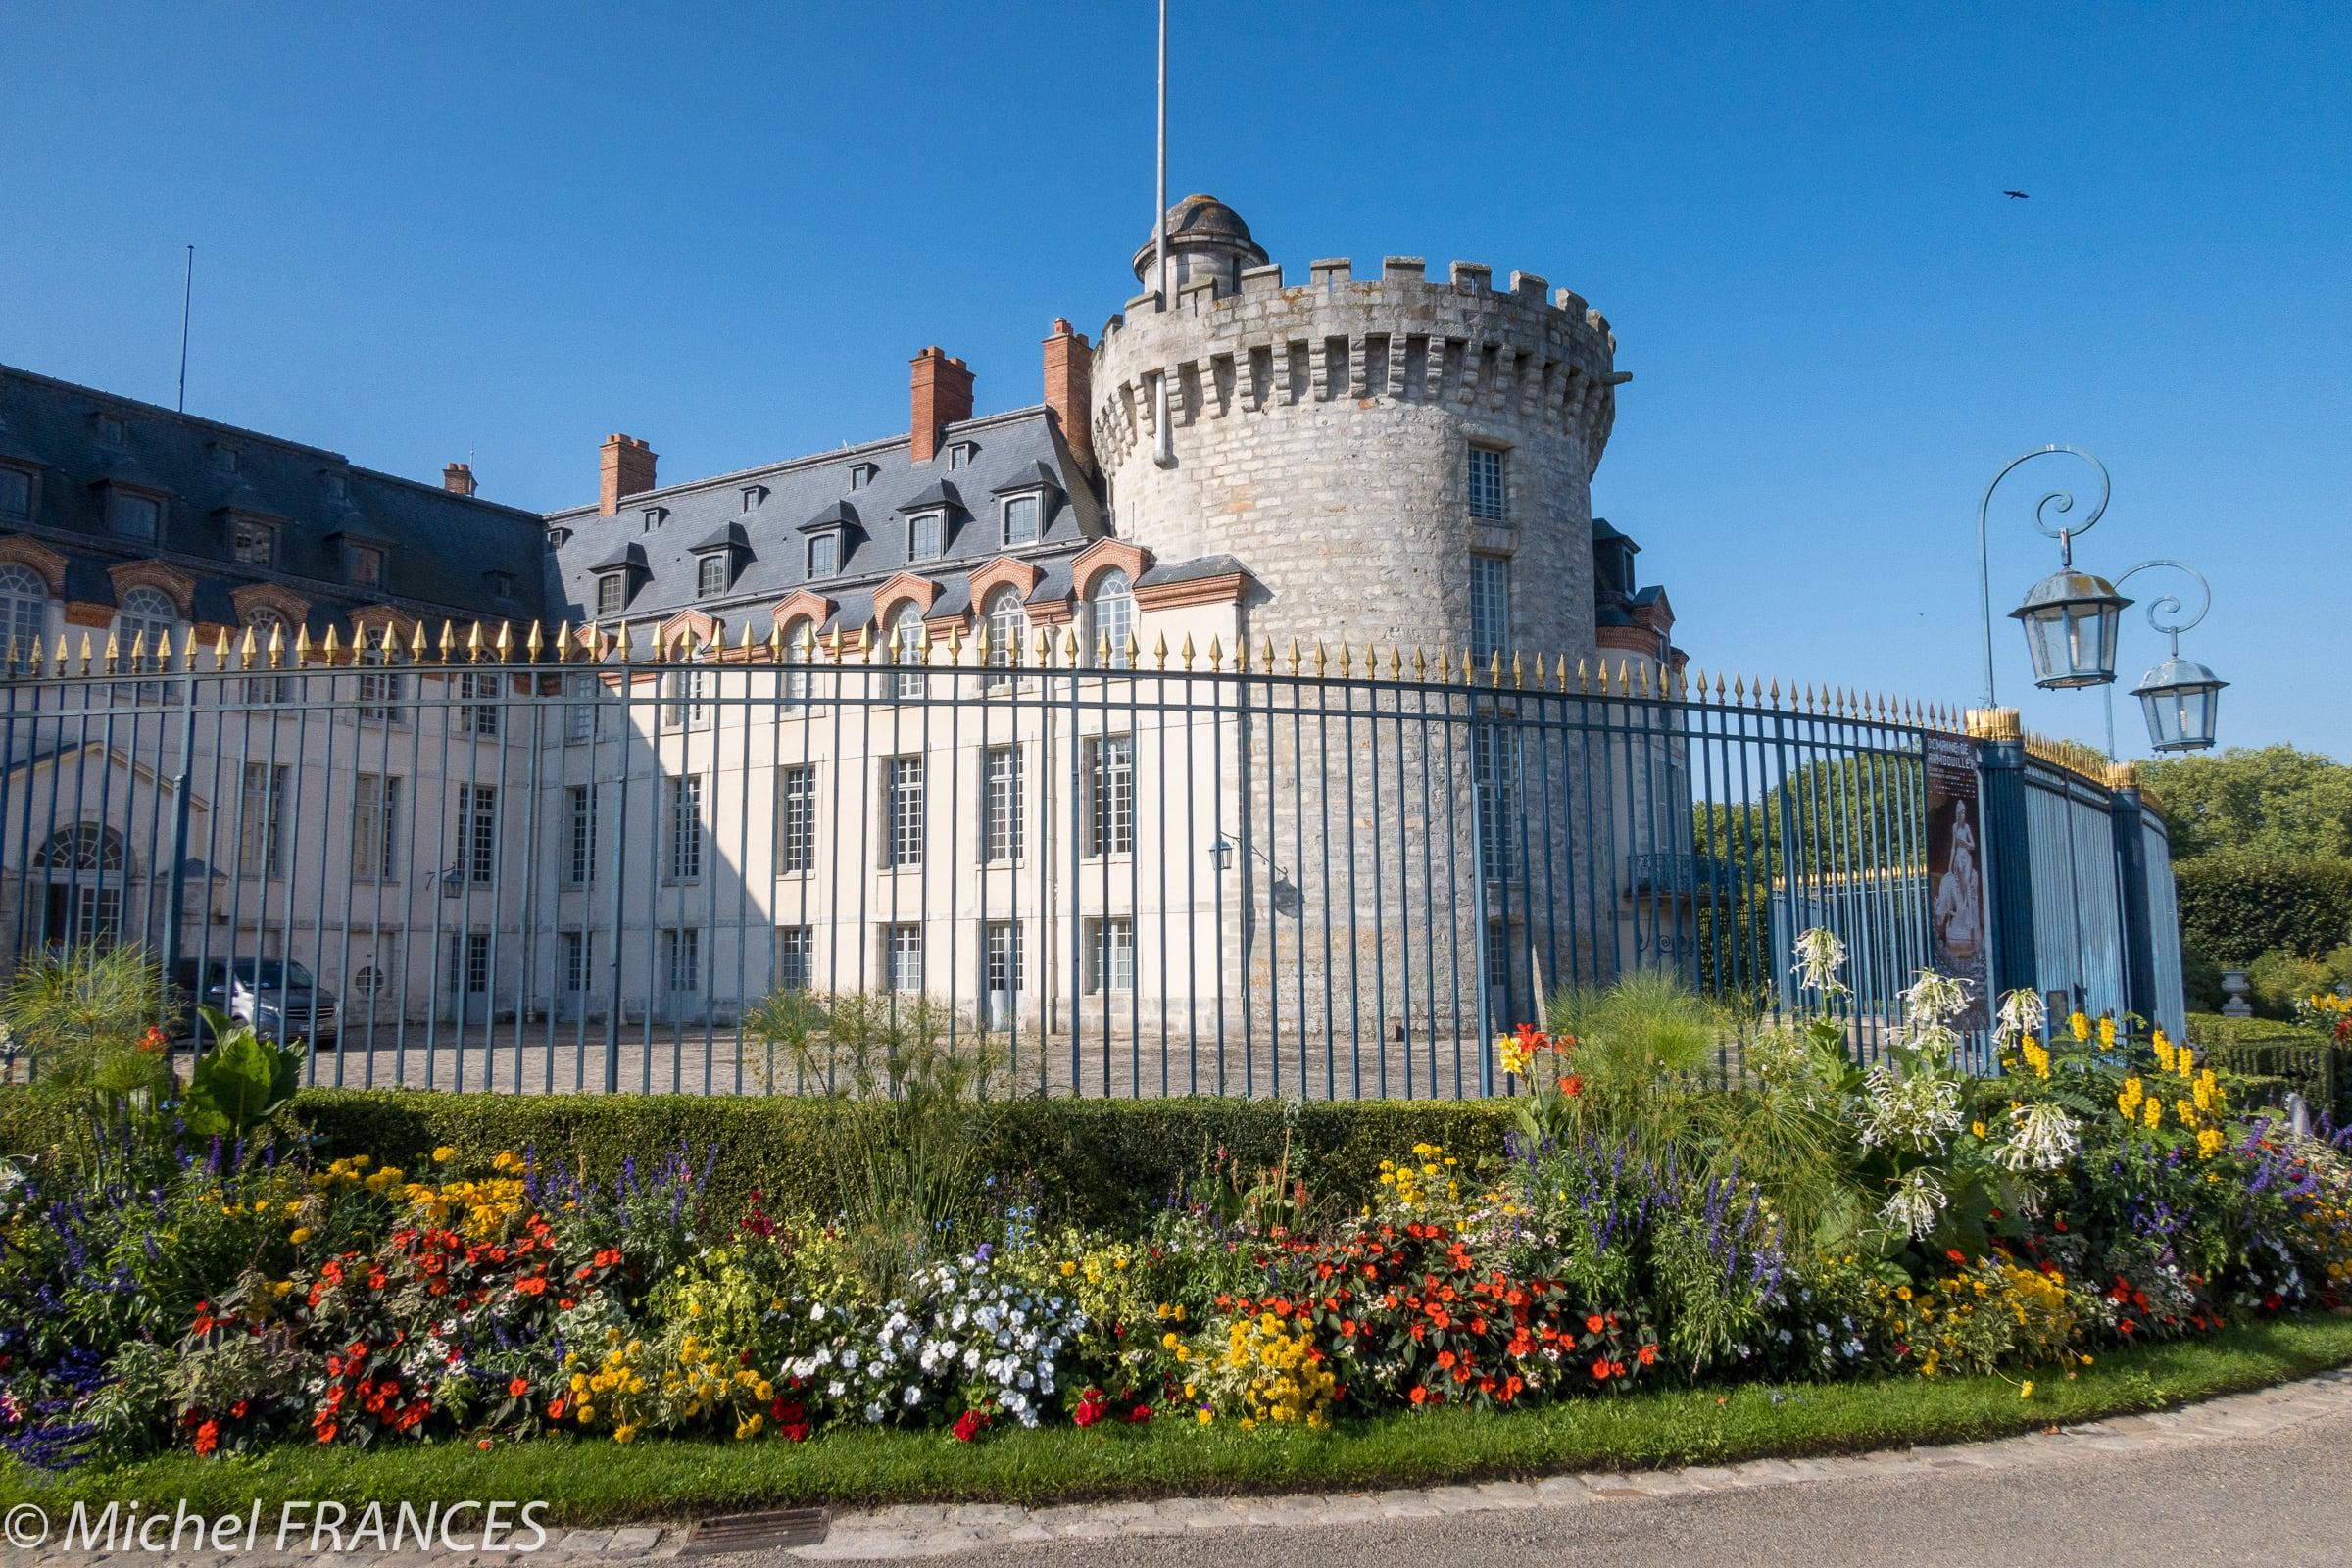 Domaine national de Rambouillet